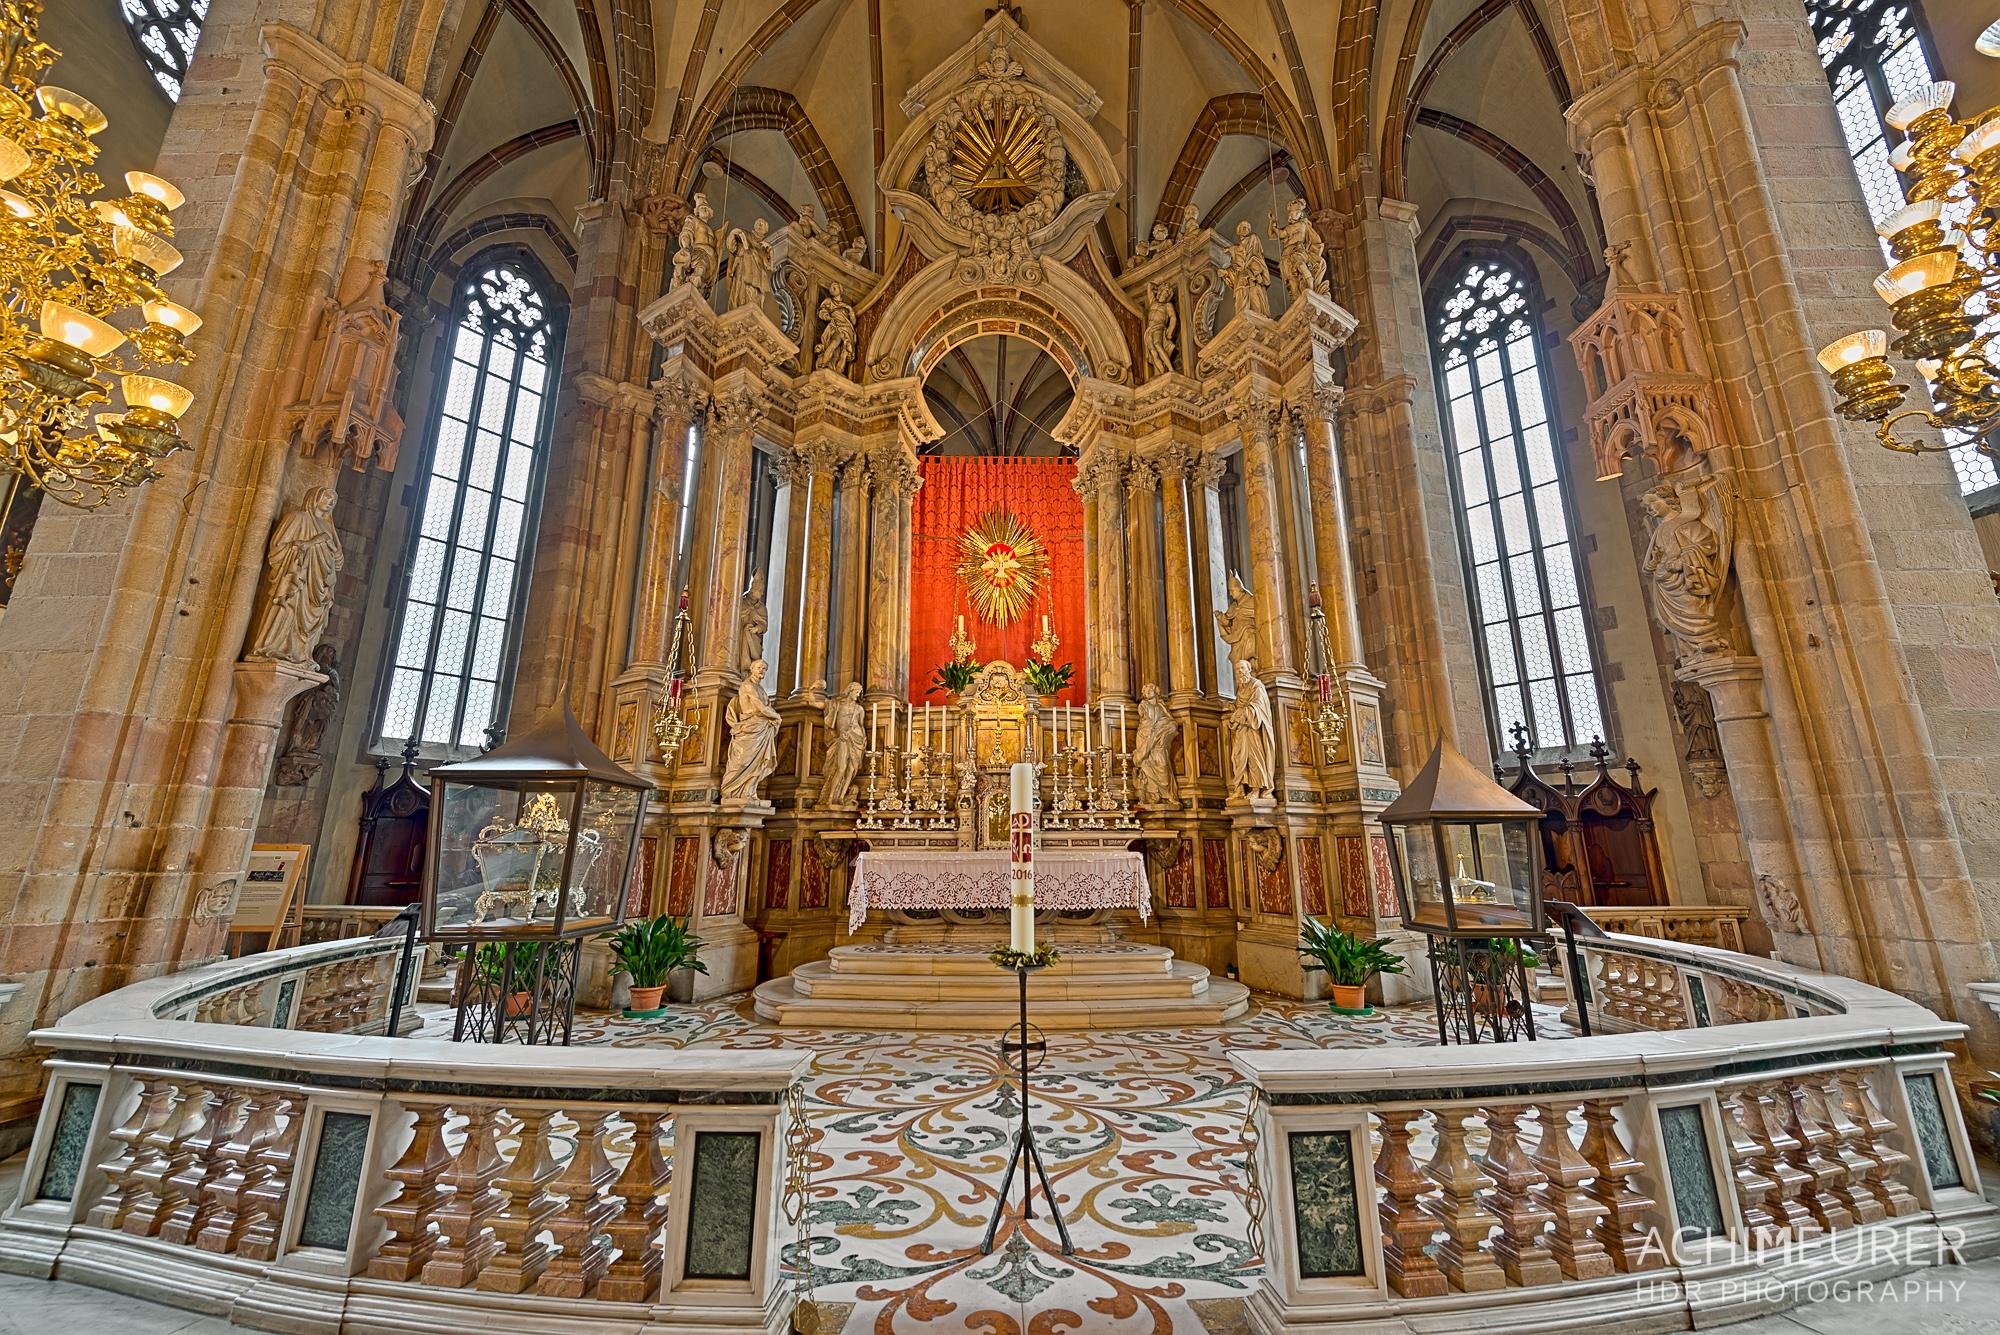 Suedtirol-Sueden-Bozen-Dom-Kirche_0711_10_09_08_07_06_05_04_03_HDR-Bearbeitet